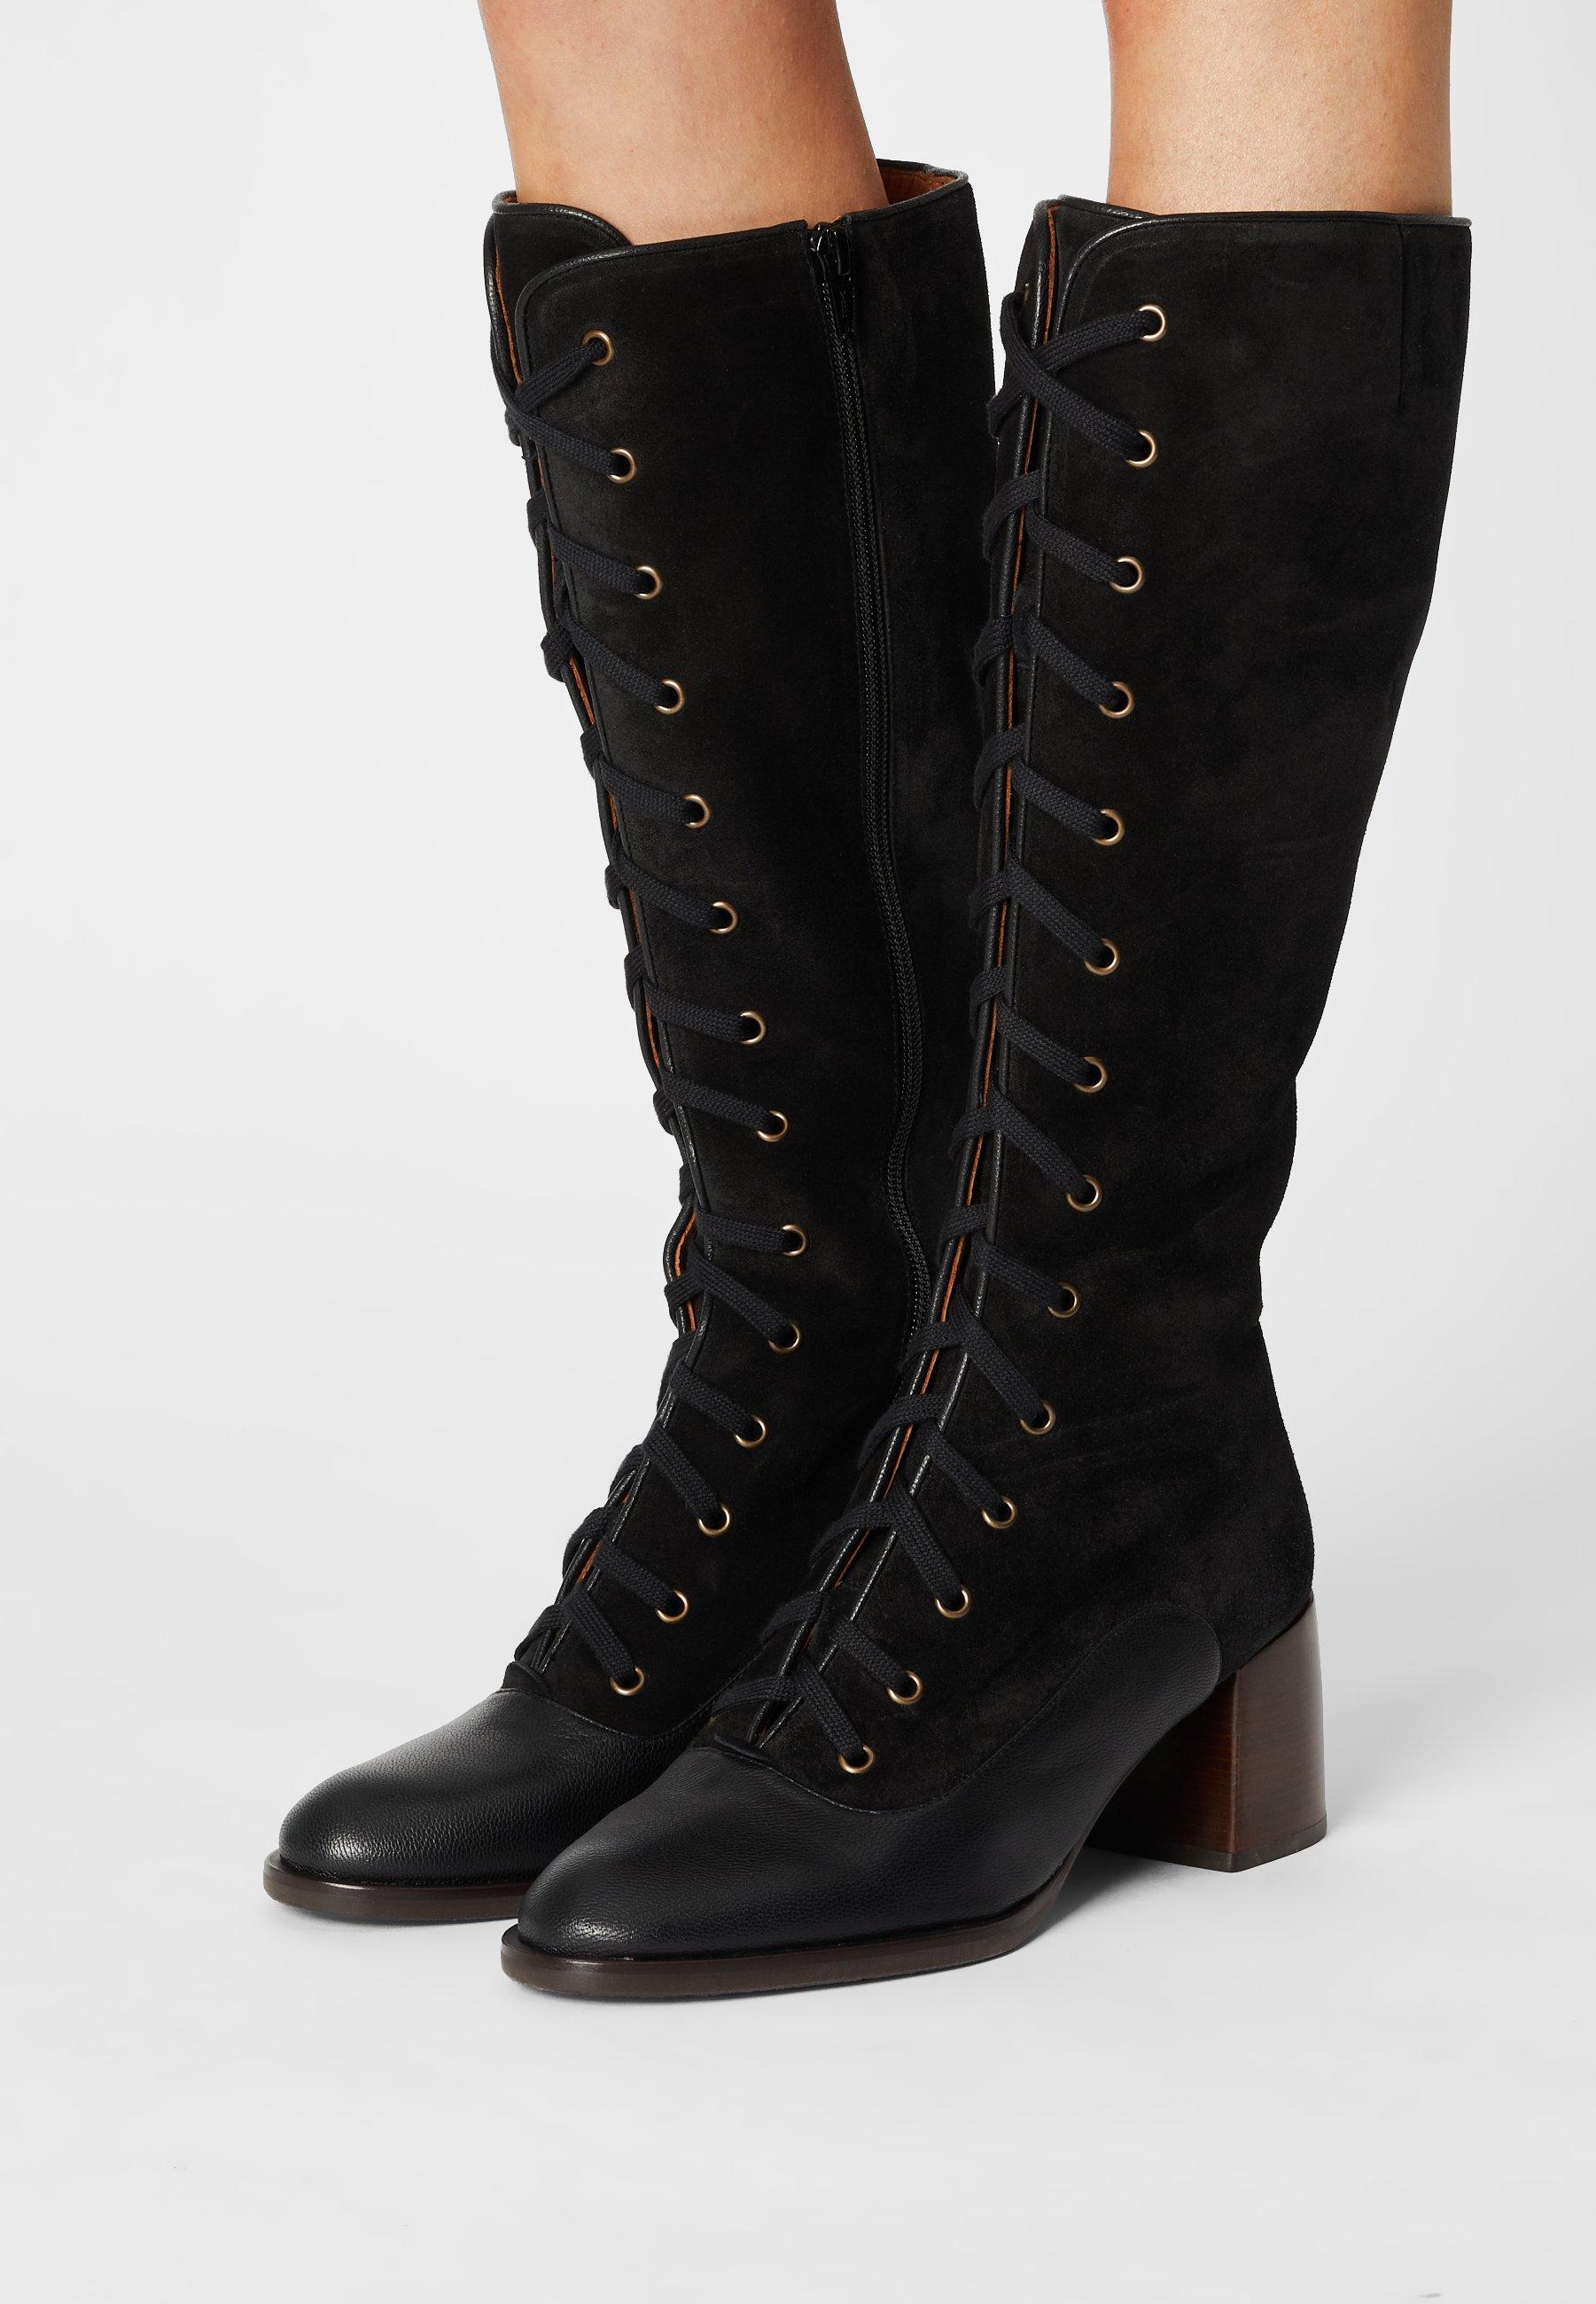 Women ODUBI - Lace-up boots - fox west